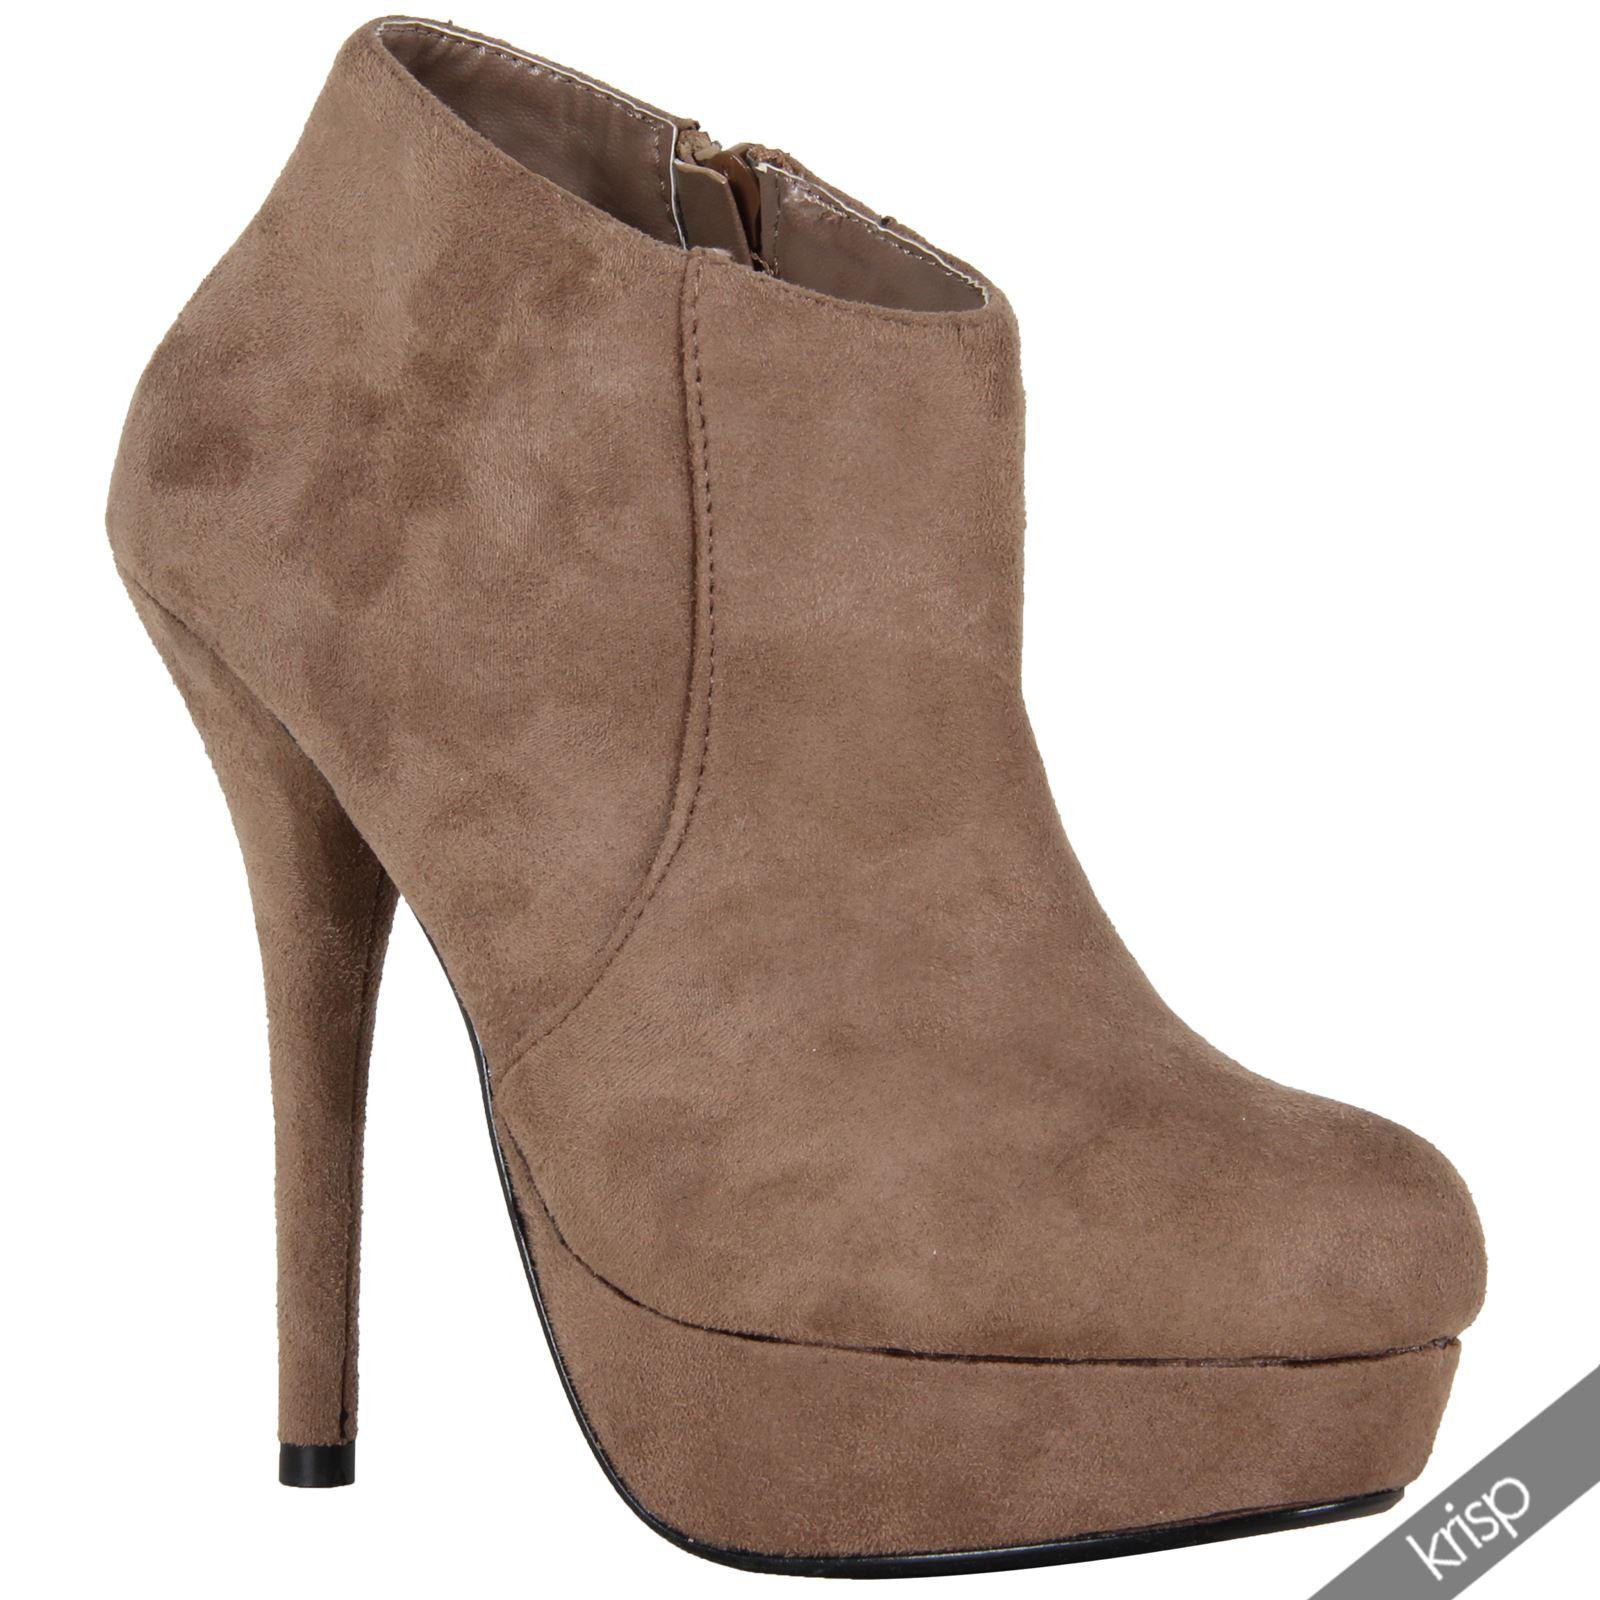 womens suede slim high heel stiletto platform ankle boots